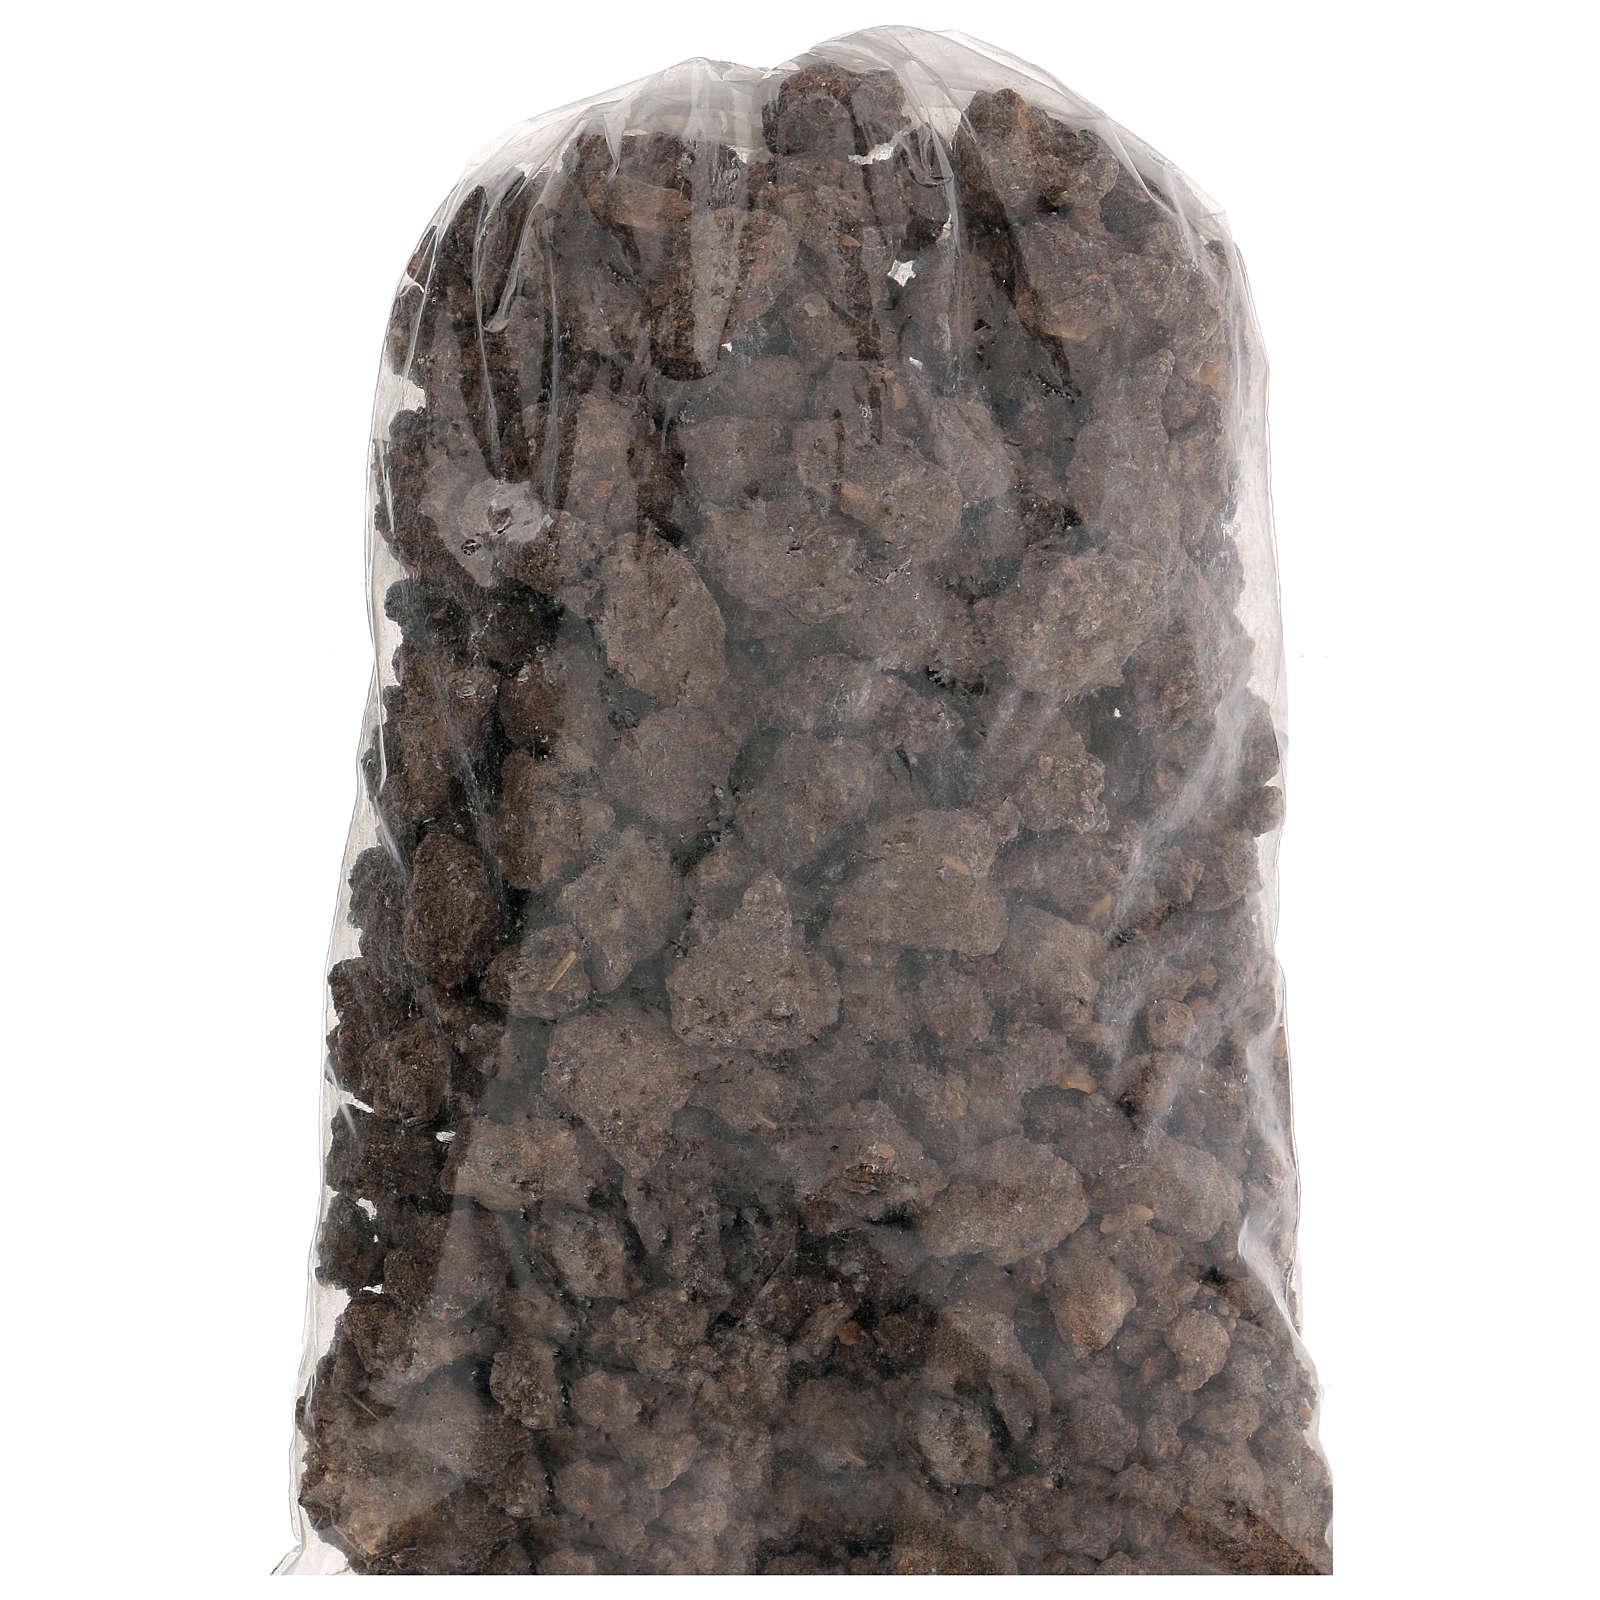 Benzoin Black encens 1 kg 3